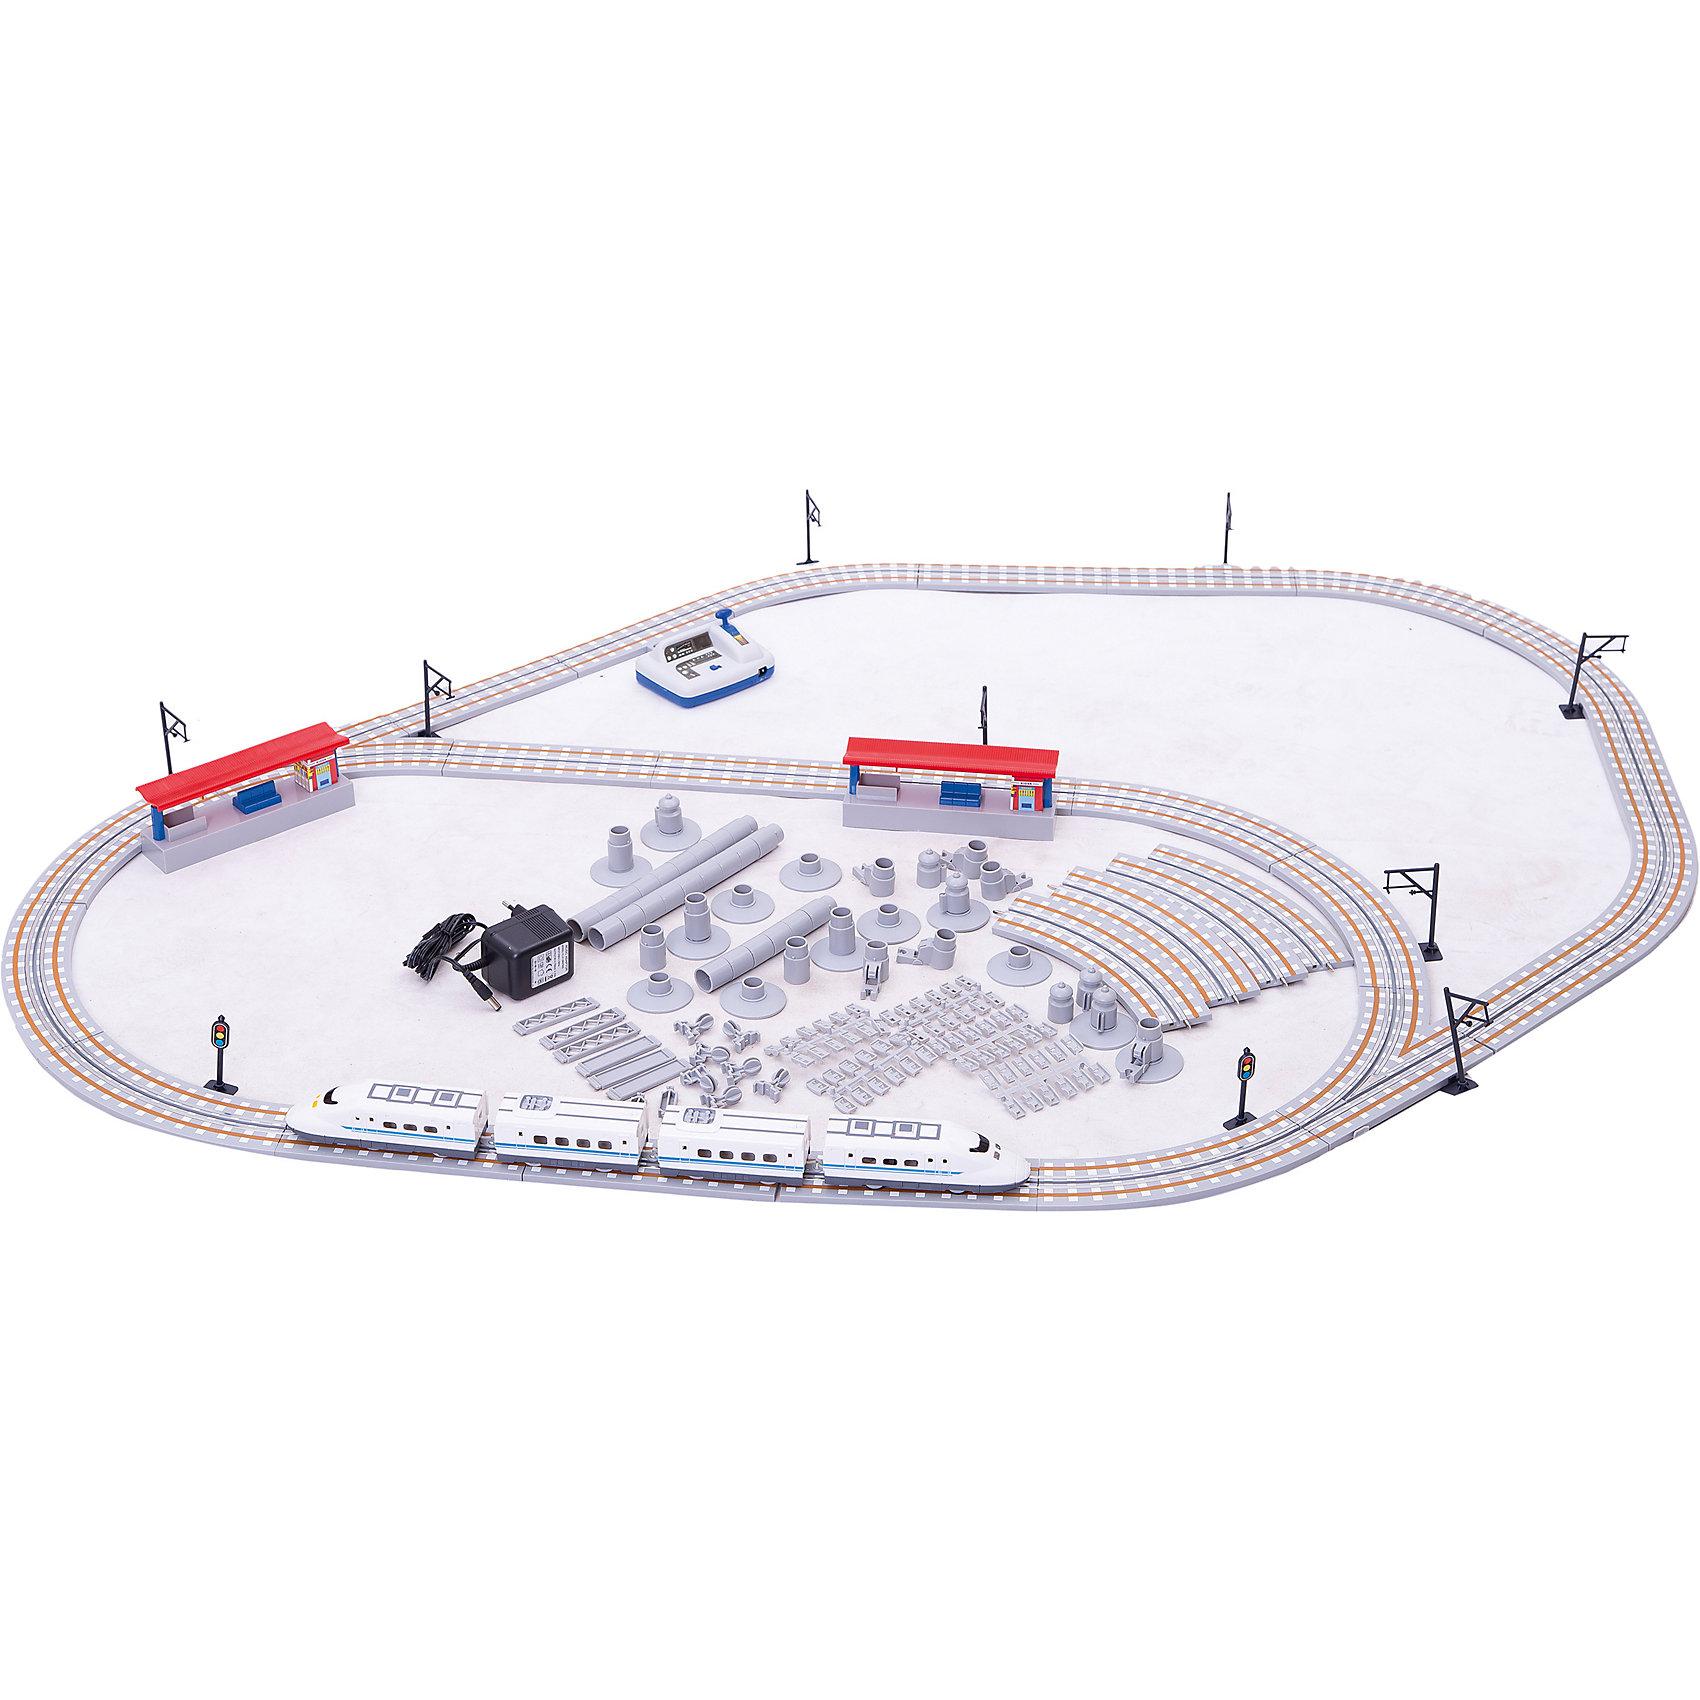 Ж/д Скоростной поезд Стрела 5,6 мСтрела Скоростной поезд 5,6 м - детская железная дорога протяженностью 566 см с двумя станциями и красивым скоростным поездом, который двигается точно по расписанию!<br><br>Скоростной поезд способен:<br>• двигаться с четырьмя различными скоростями,<br>• осуществлять движение вперед и назад,<br>• прицеплять вагоны из других наборов серии «Стрела».<br><br>В комплект входит:<br><br>- узел управления с возможностью переключения скоростей,<br>- скоростной локомотив, состоящий из двух вагонов,<br>- пассажирский вагон,<br>- секция с входом питания,<br>- 11 шт. прямых секций пути,<br>- 14 шт. изогнутых секций пути,<br>- стрелка для переключения путей,<br>- 2 станционных платформы,<br>- сетевой адаптер 220V,<br>- 4 запасных обода для колес,<br>- 4 контактных щетки для сцепки поездка и рельсов,<br>- 4 направляющих штифта,<br>- набор семафоров и сигнальных знаков (1 штука).<br>- инструкция на русском языке. <br><br><br><br>Дополнительная информация:<br><br>- Длина полотна: 5,66 м.<br>- Размер упаковки: 49х36,5х6,5 см.<br>- Автоматический и ручной контроль скоростей.<br>- Работа от батареек типа АА (в комплект не входят) или сетевого адаптера 220V.<br><br>Ширина мм: 490<br>Глубина мм: 365<br>Высота мм: 65<br>Вес г: 2560<br>Возраст от месяцев: 60<br>Возраст до месяцев: 1188<br>Пол: Мужской<br>Возраст: Детский<br>SKU: 2557205